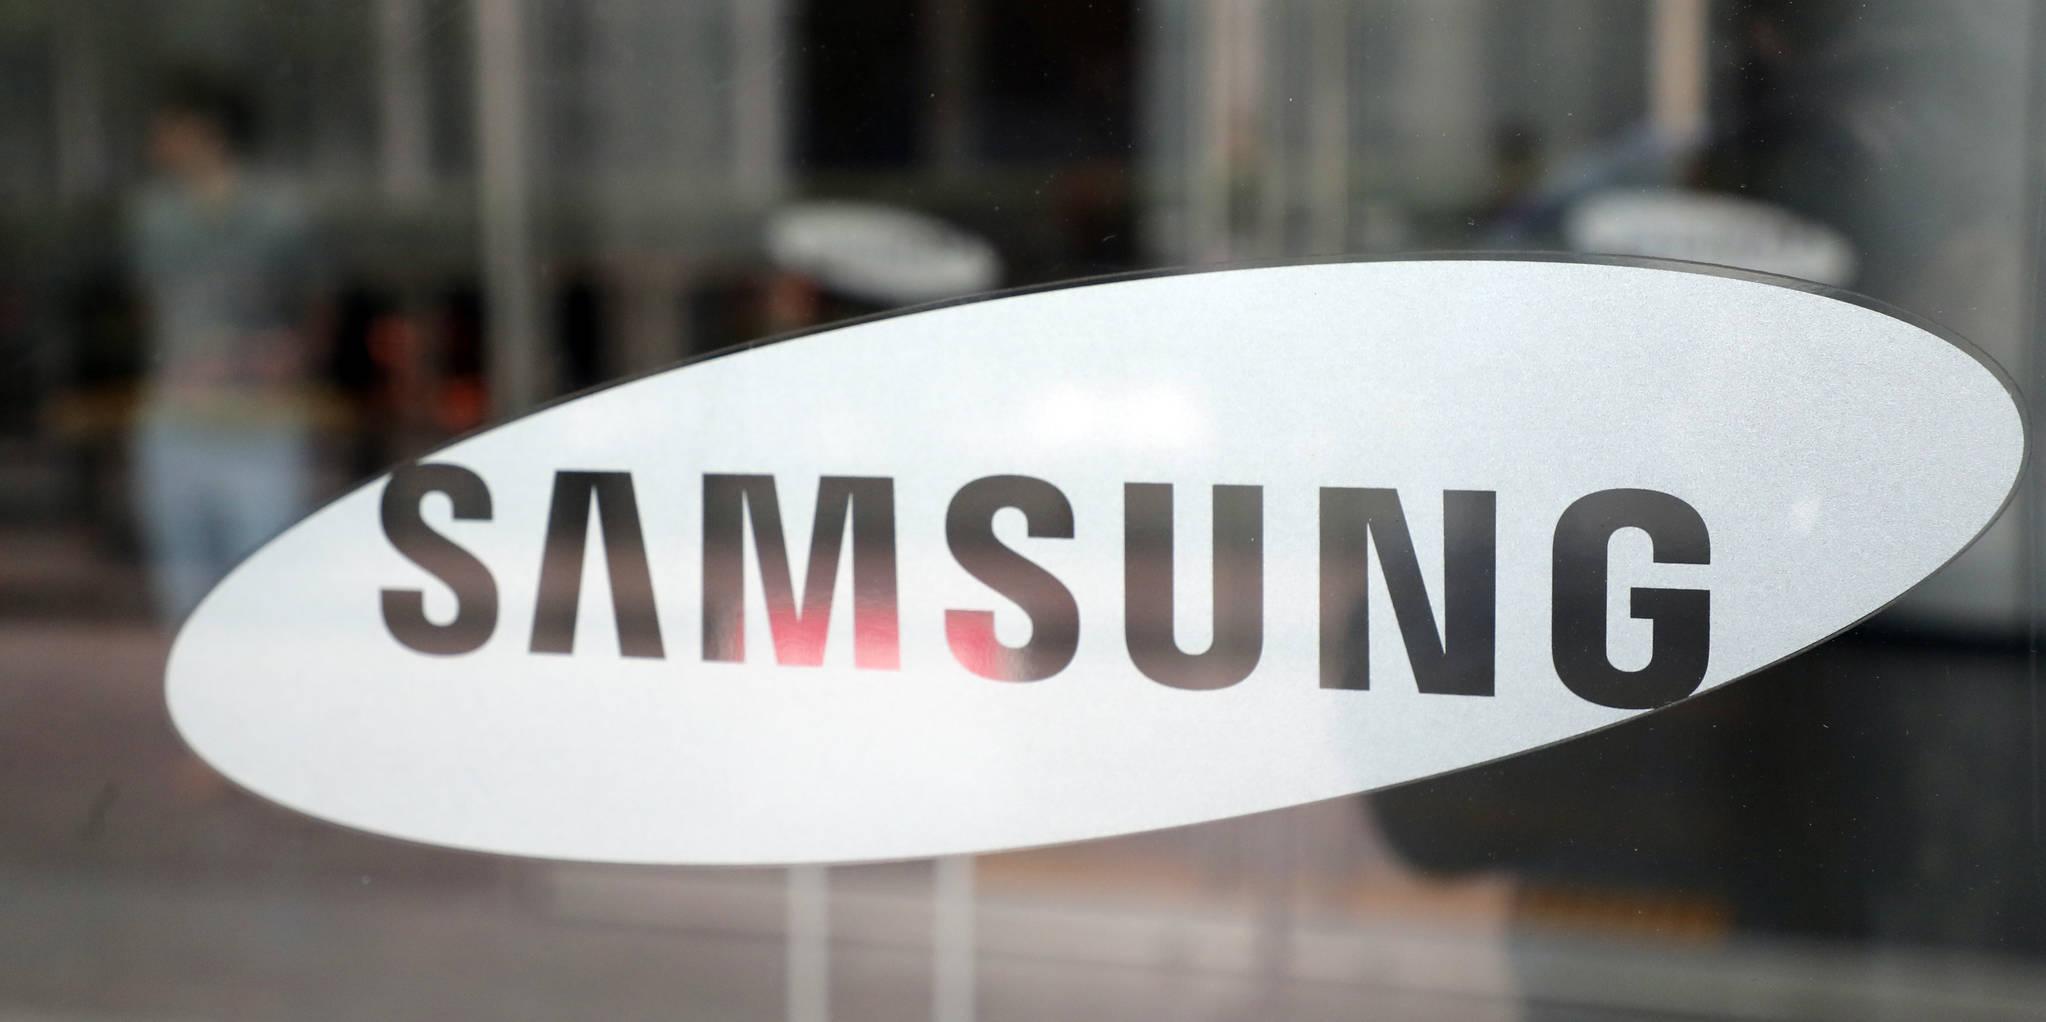 [속보] 삼성전자 2분기 영업익 6조5000억원…디스플레이 '깜짝 흑자'